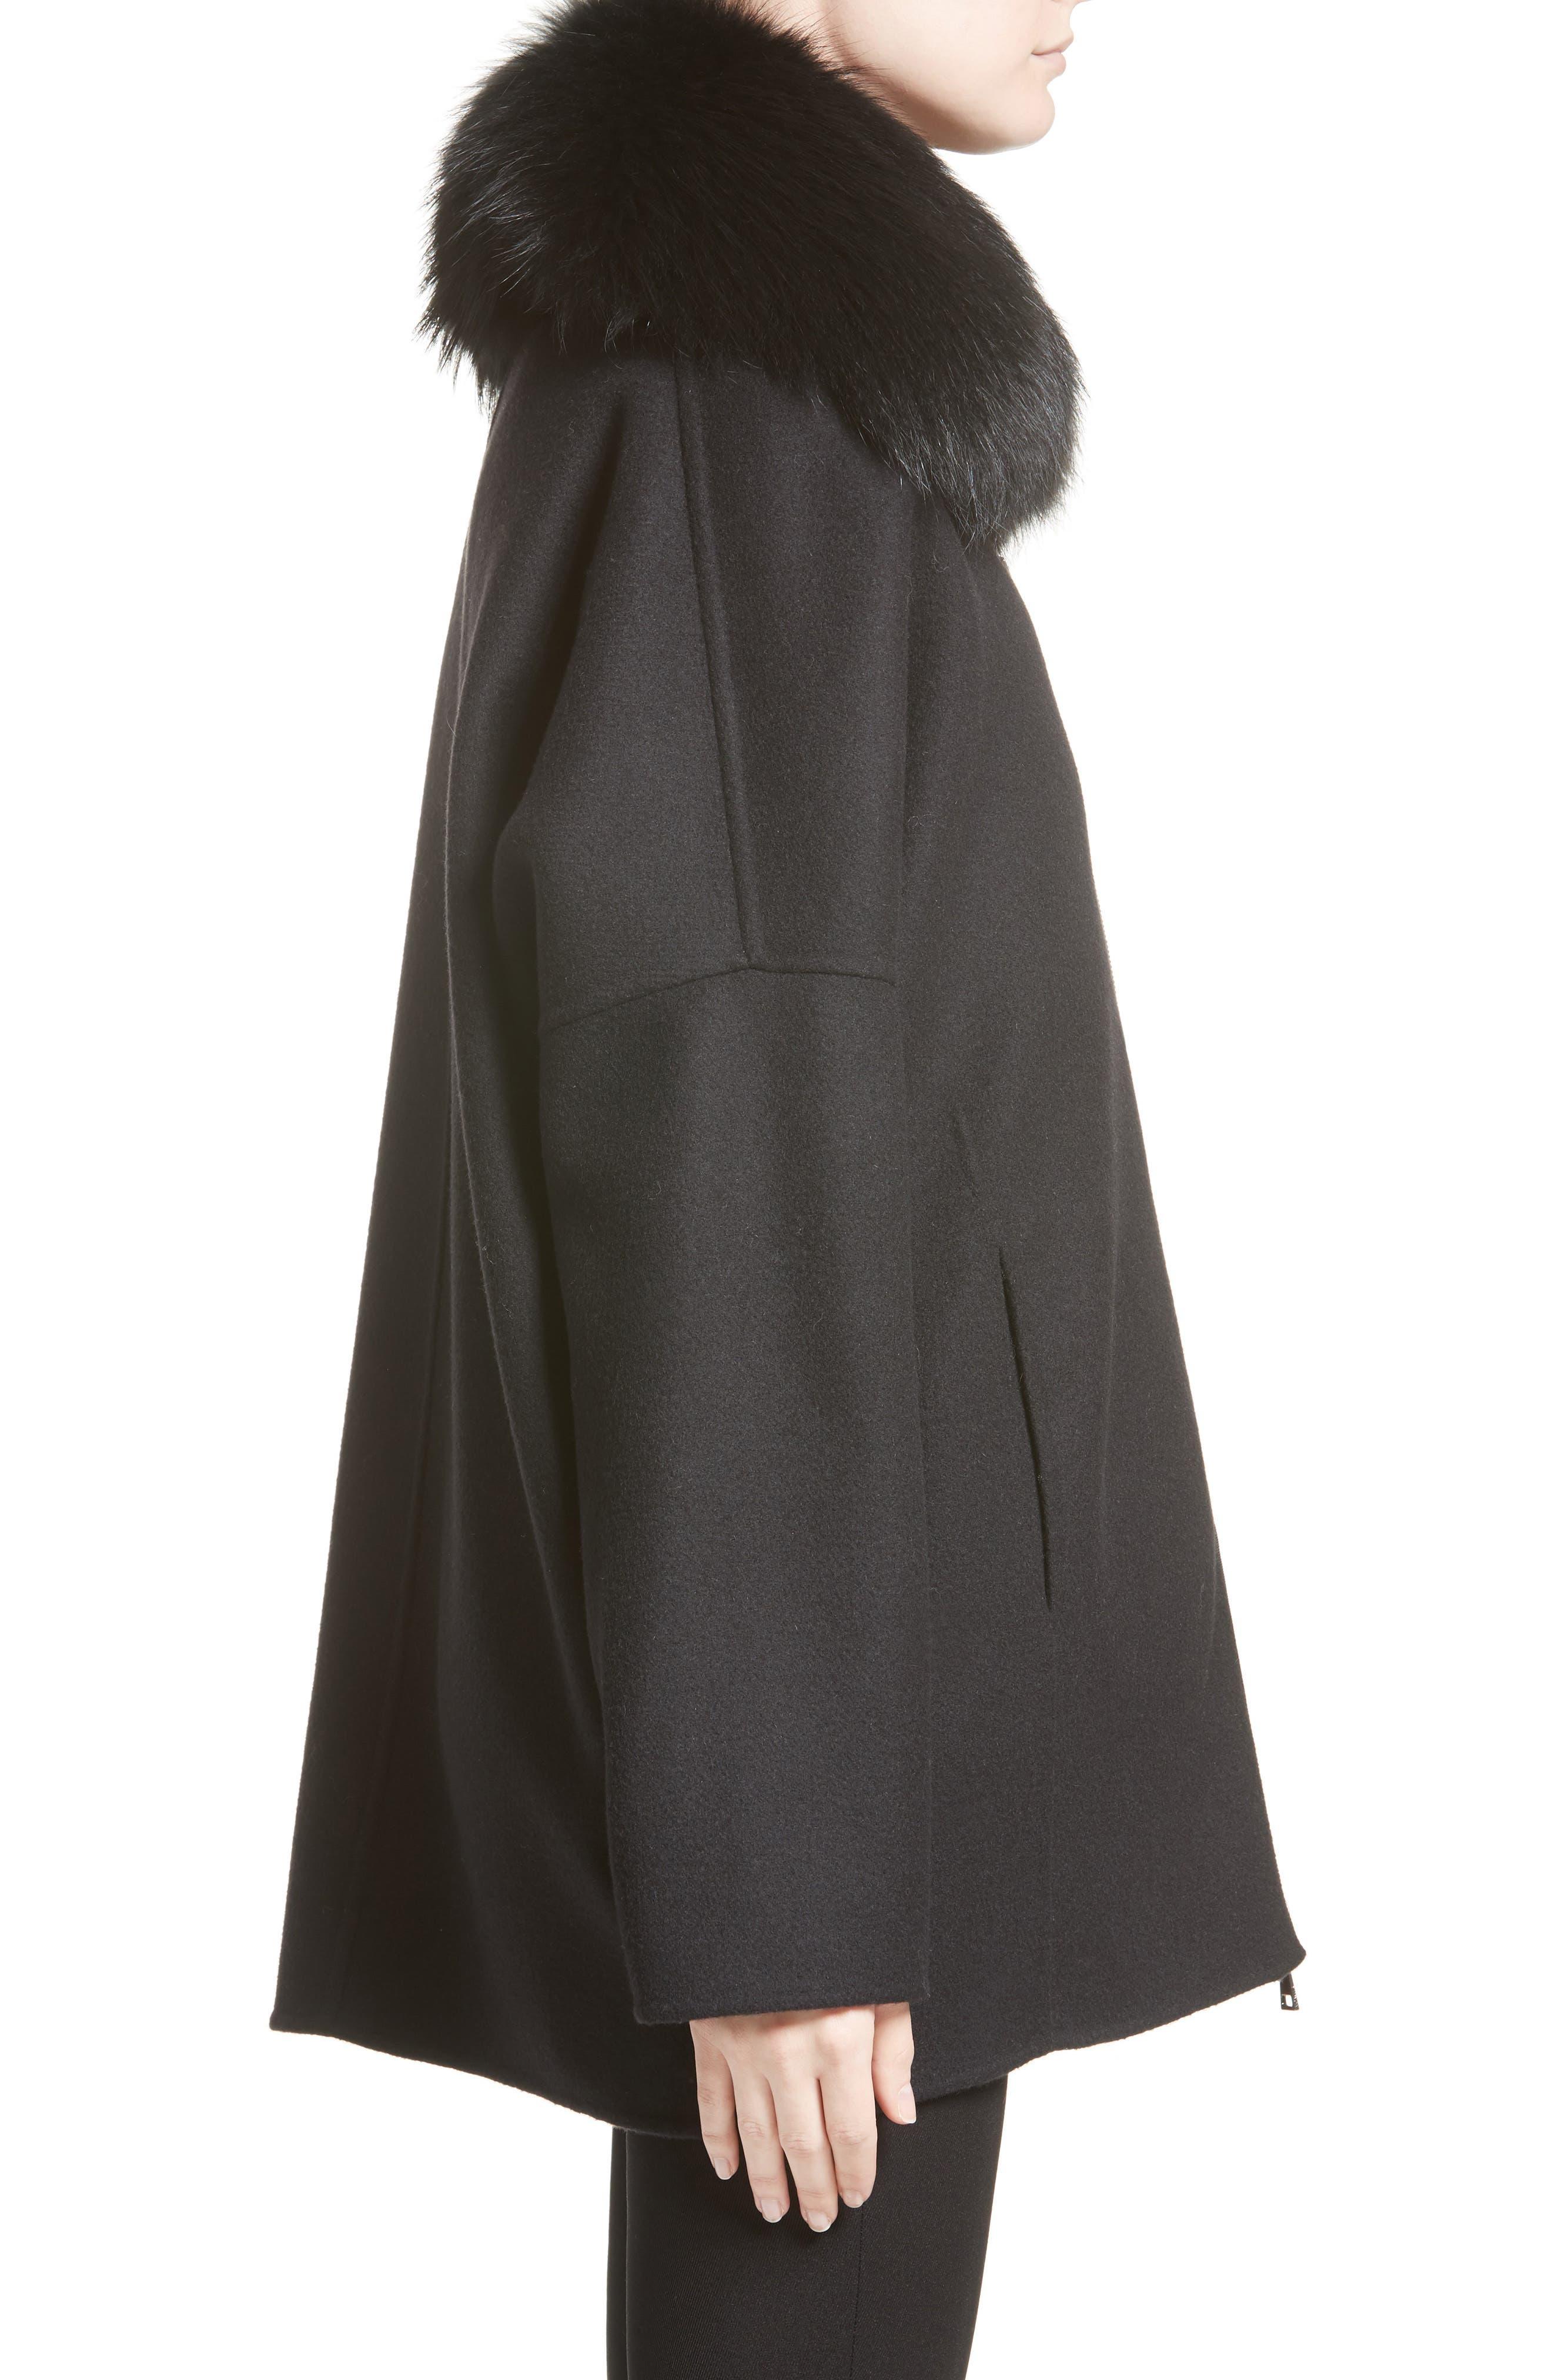 Buxus Wool & Cashmere Coat with Removable Genuine Fox Fur Trim Vest,                             Alternate thumbnail 3, color,                             001